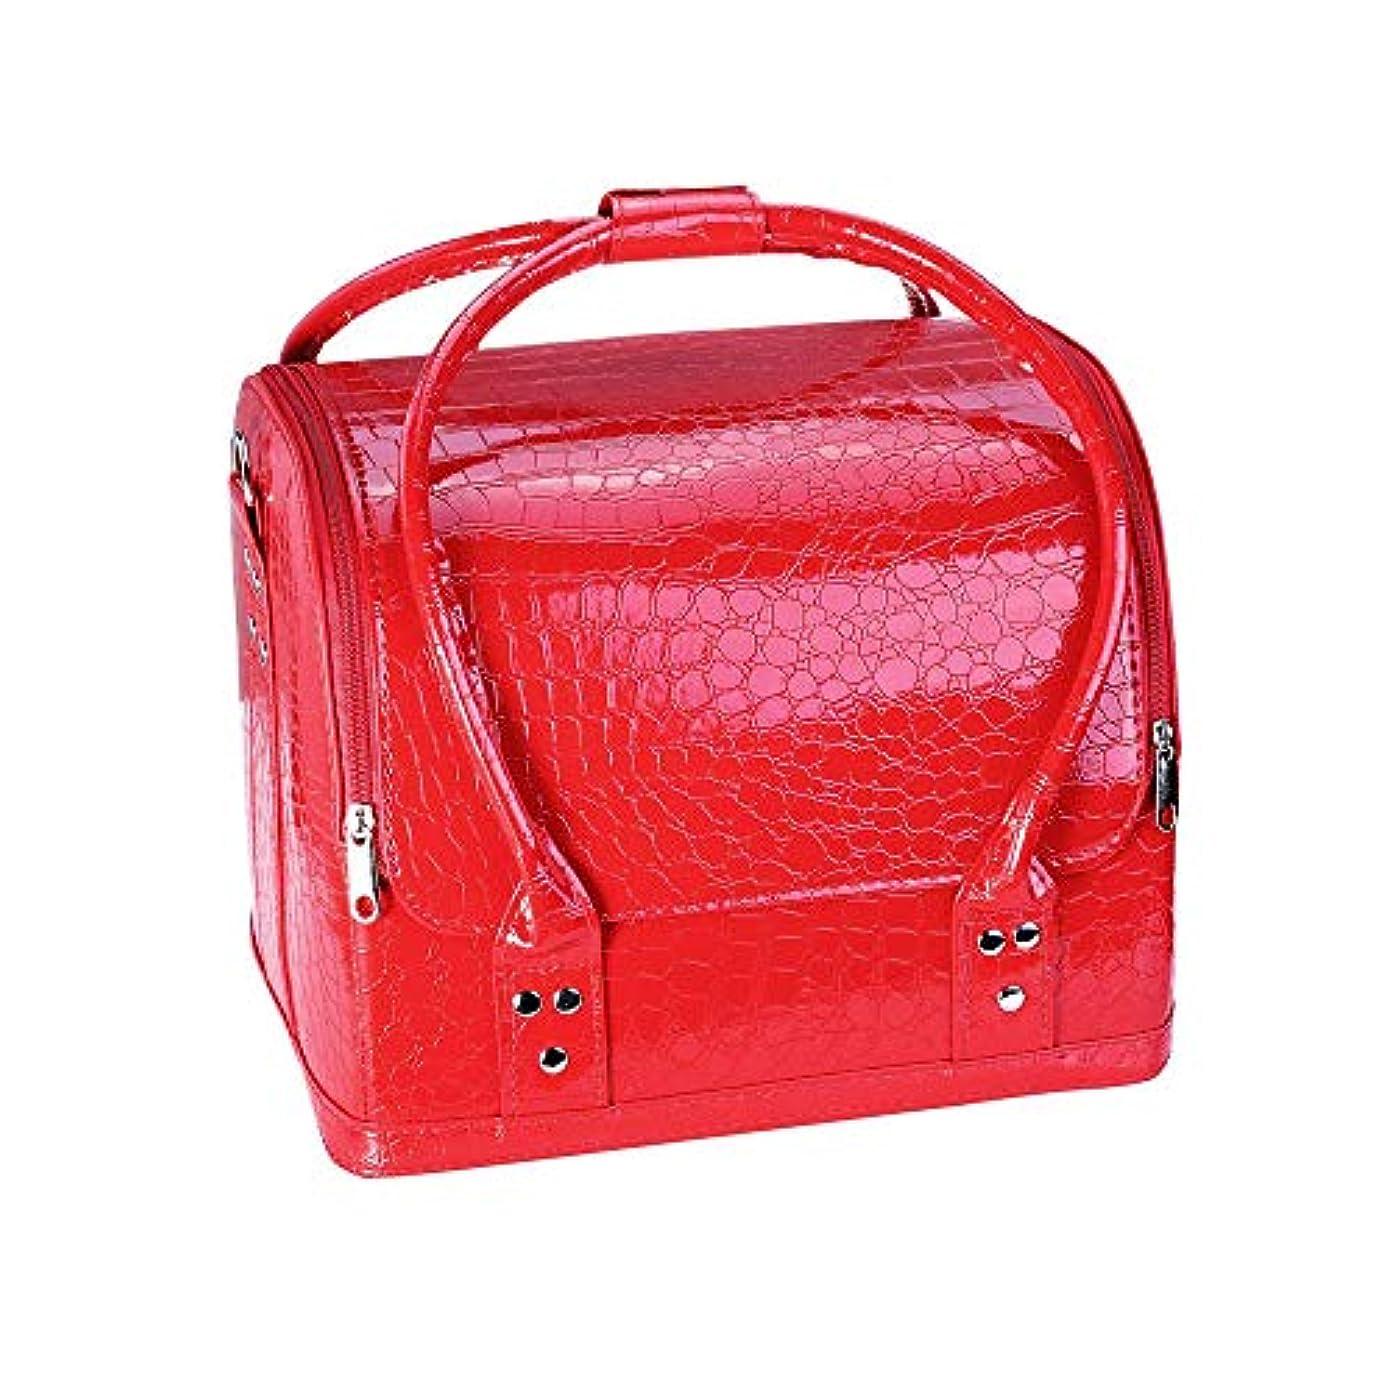 花婿薬局地区化粧オーガナイザーバッグ プロフェッショナルビューティーメイクアップケースネイル化粧箱ビニールケースオーガナイザークロコダイルパターン 化粧品ケース (色 : 赤)